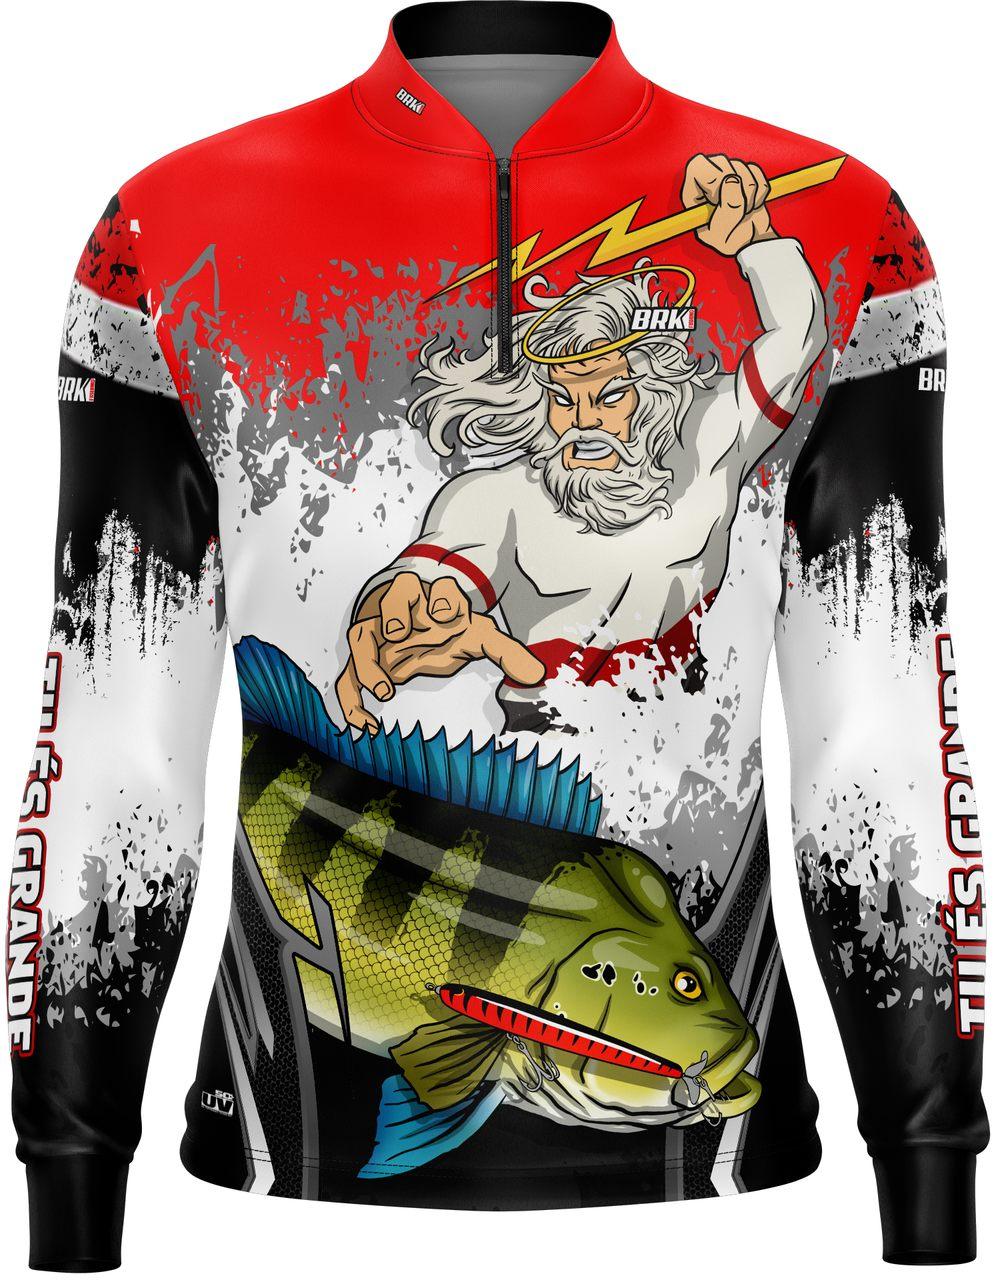 Camisa de Pesca Brk Tucunaré Futebol 55 com FPU 50+